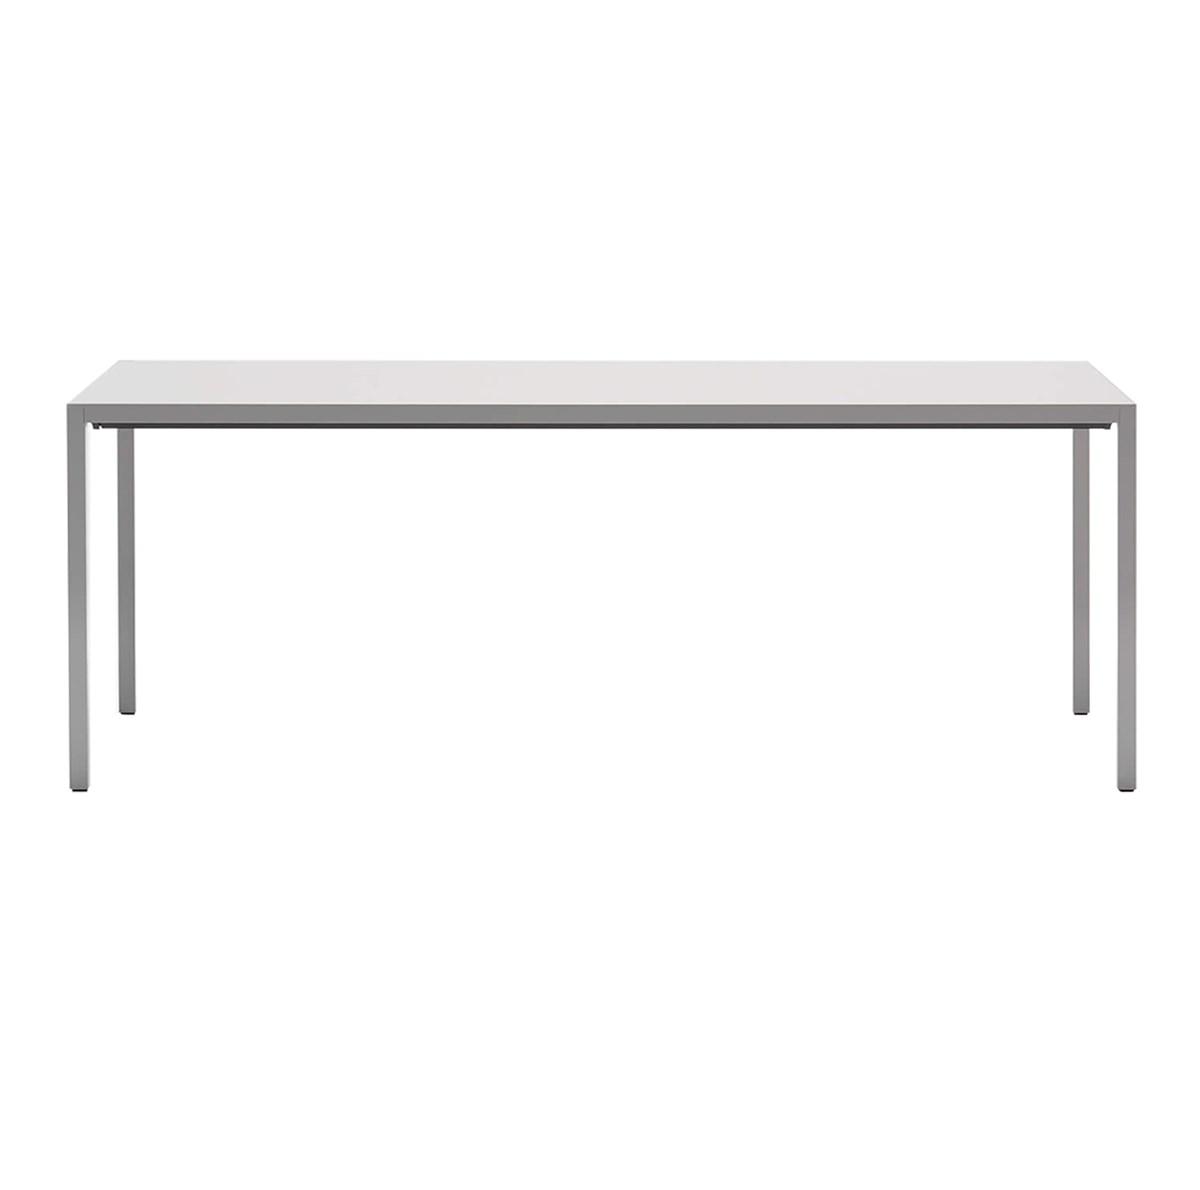 MDF-Italia-Bruno-Fattorini-Extension-Tables-Matisse-1